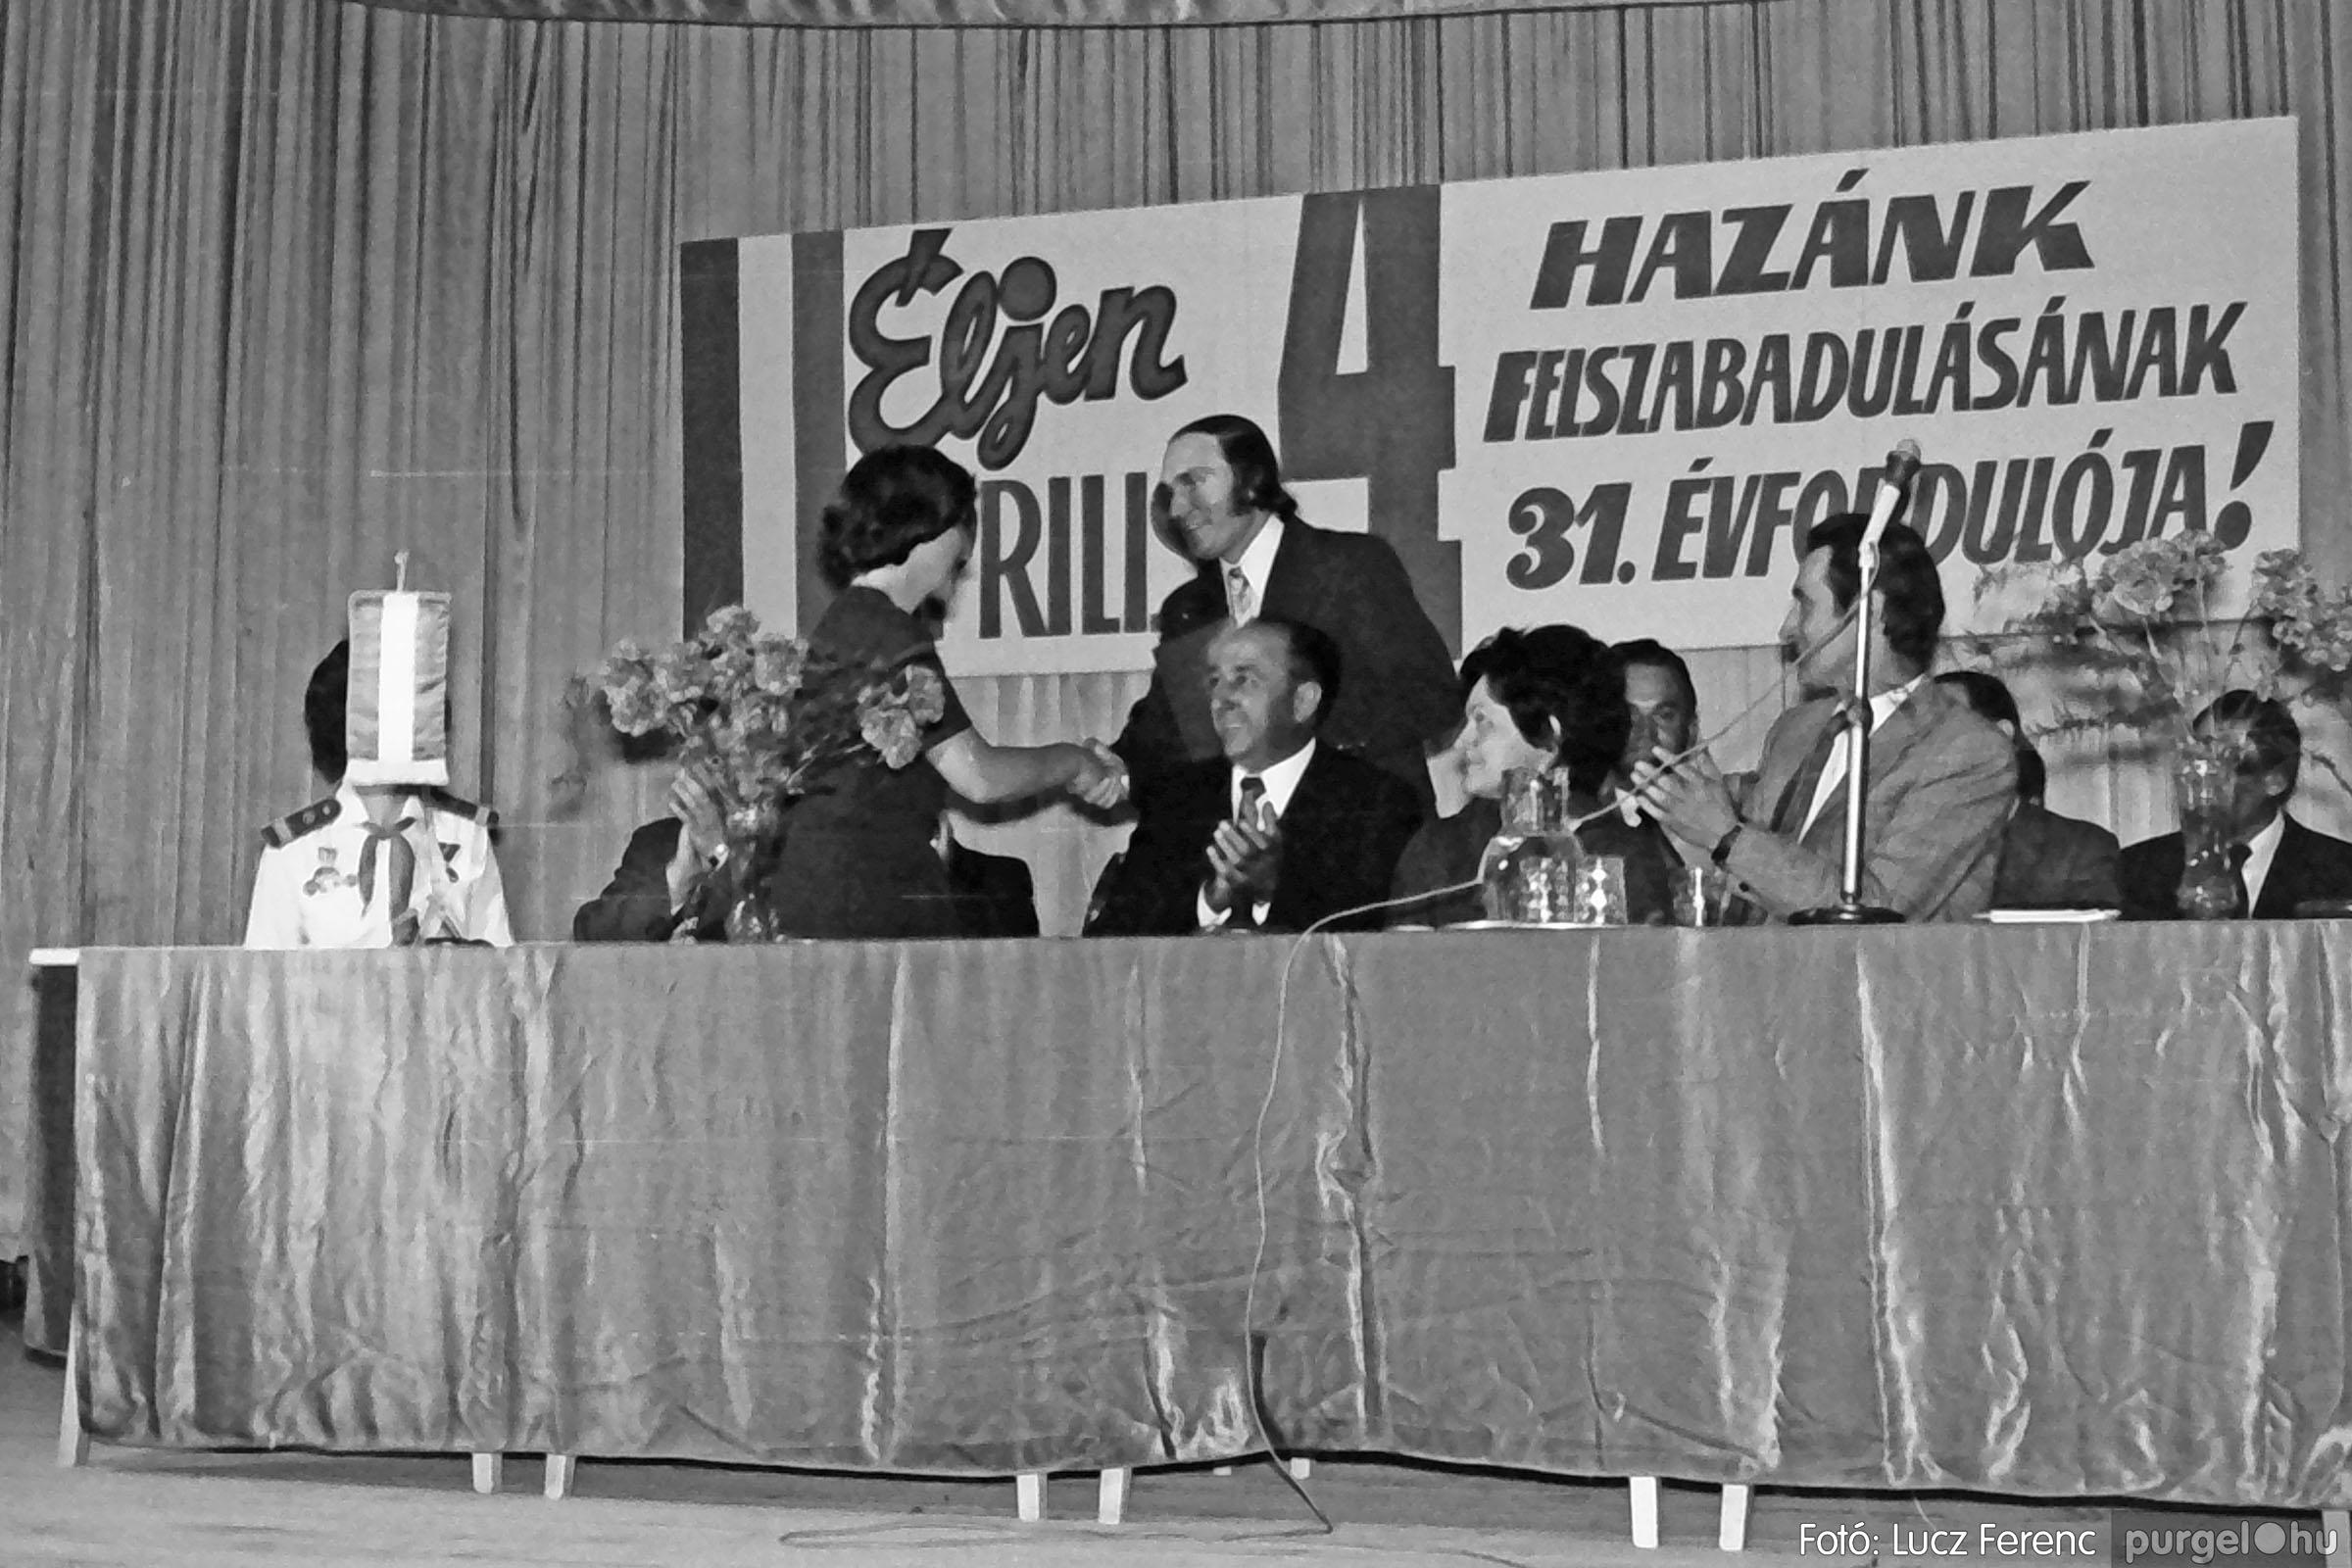 039. 1976.04.04. Április 4-i ünnepség a kultúrházban 016. - Fotó: Lucz Ferenc.jpg